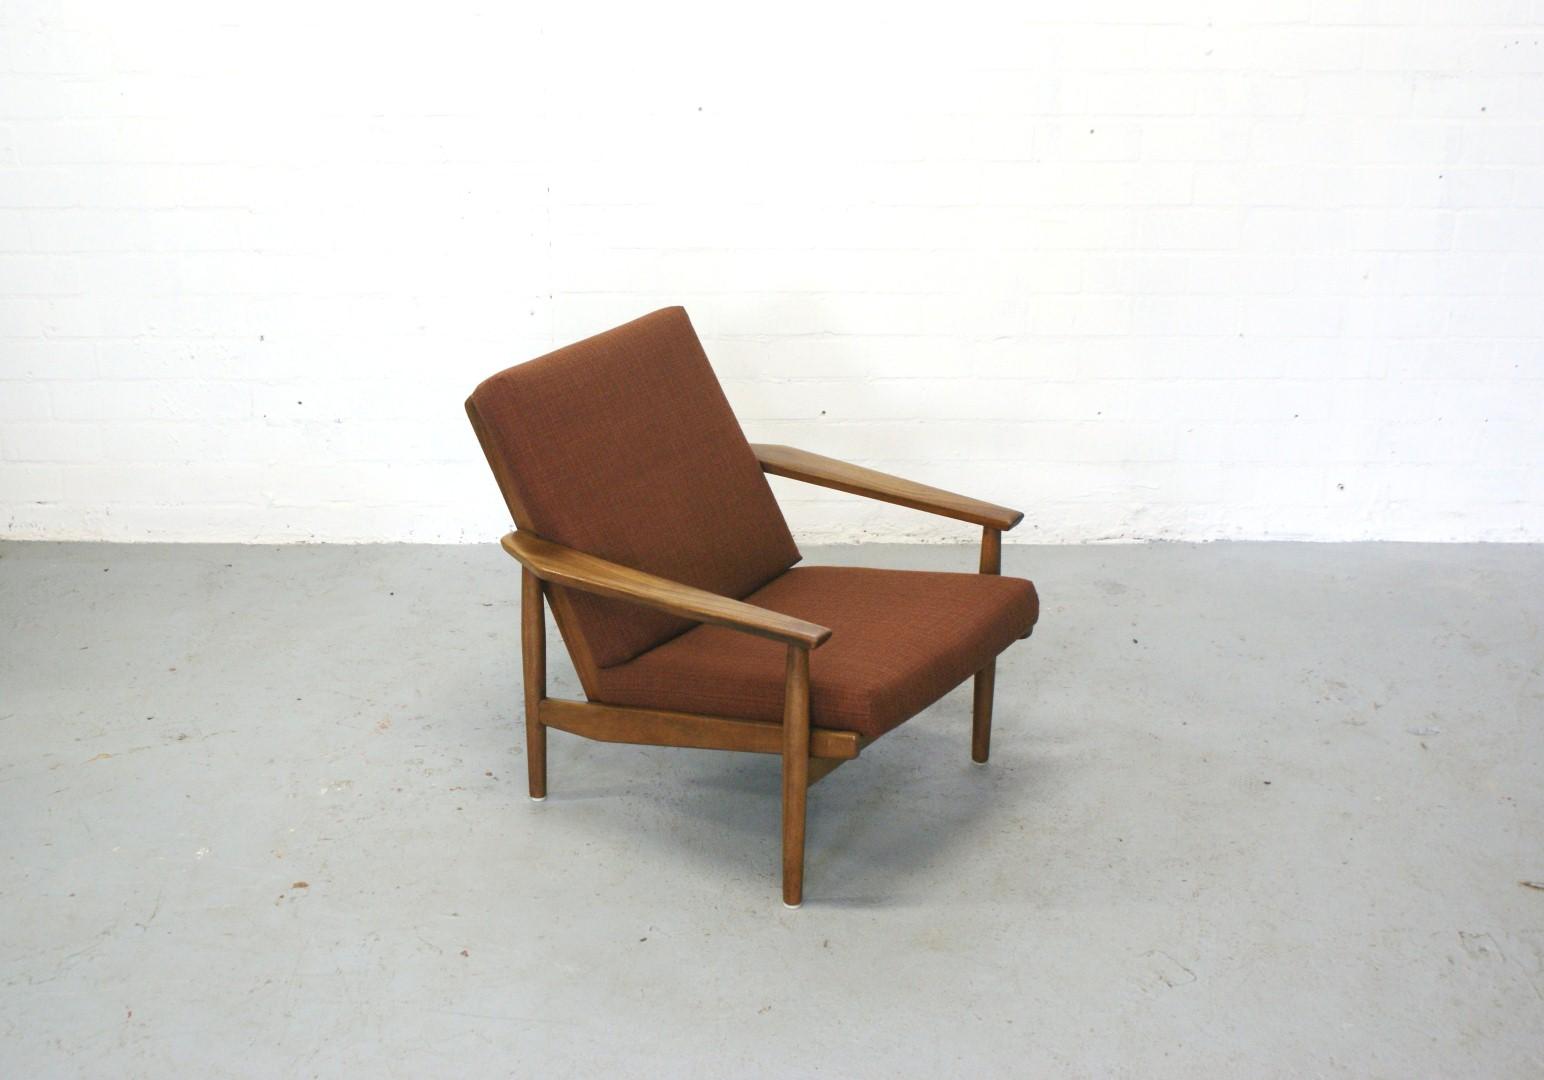 Fauteuil relax design moderne idees accueil design et mobilier - Moderne fauteuils ...